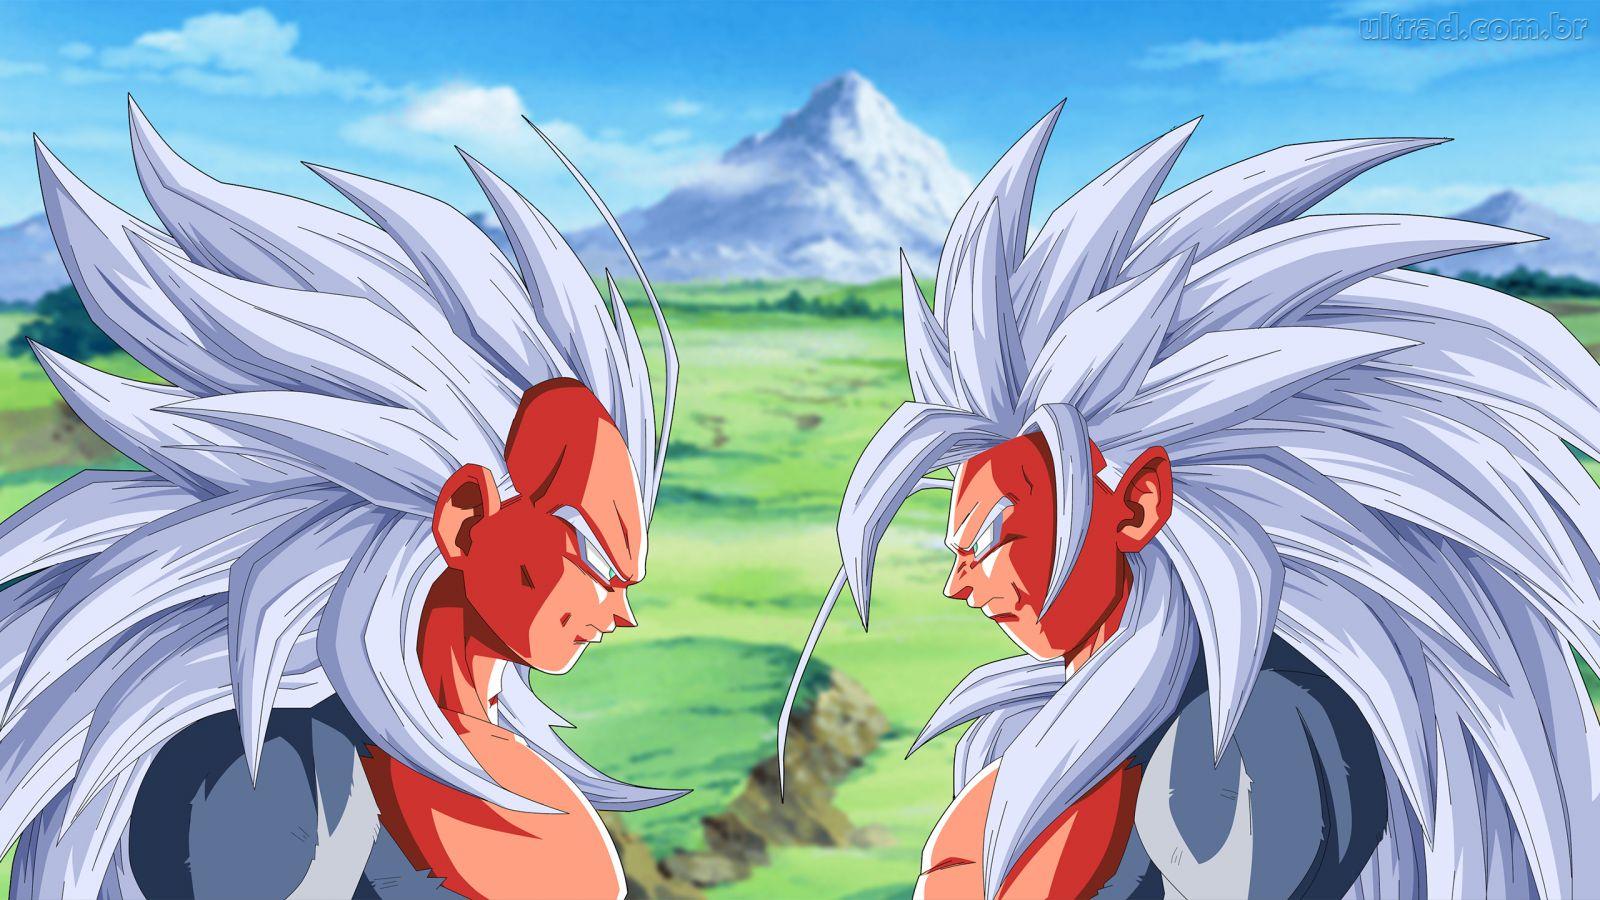 Papel De Parede Vegeta E Goku Super Saiyajin 5